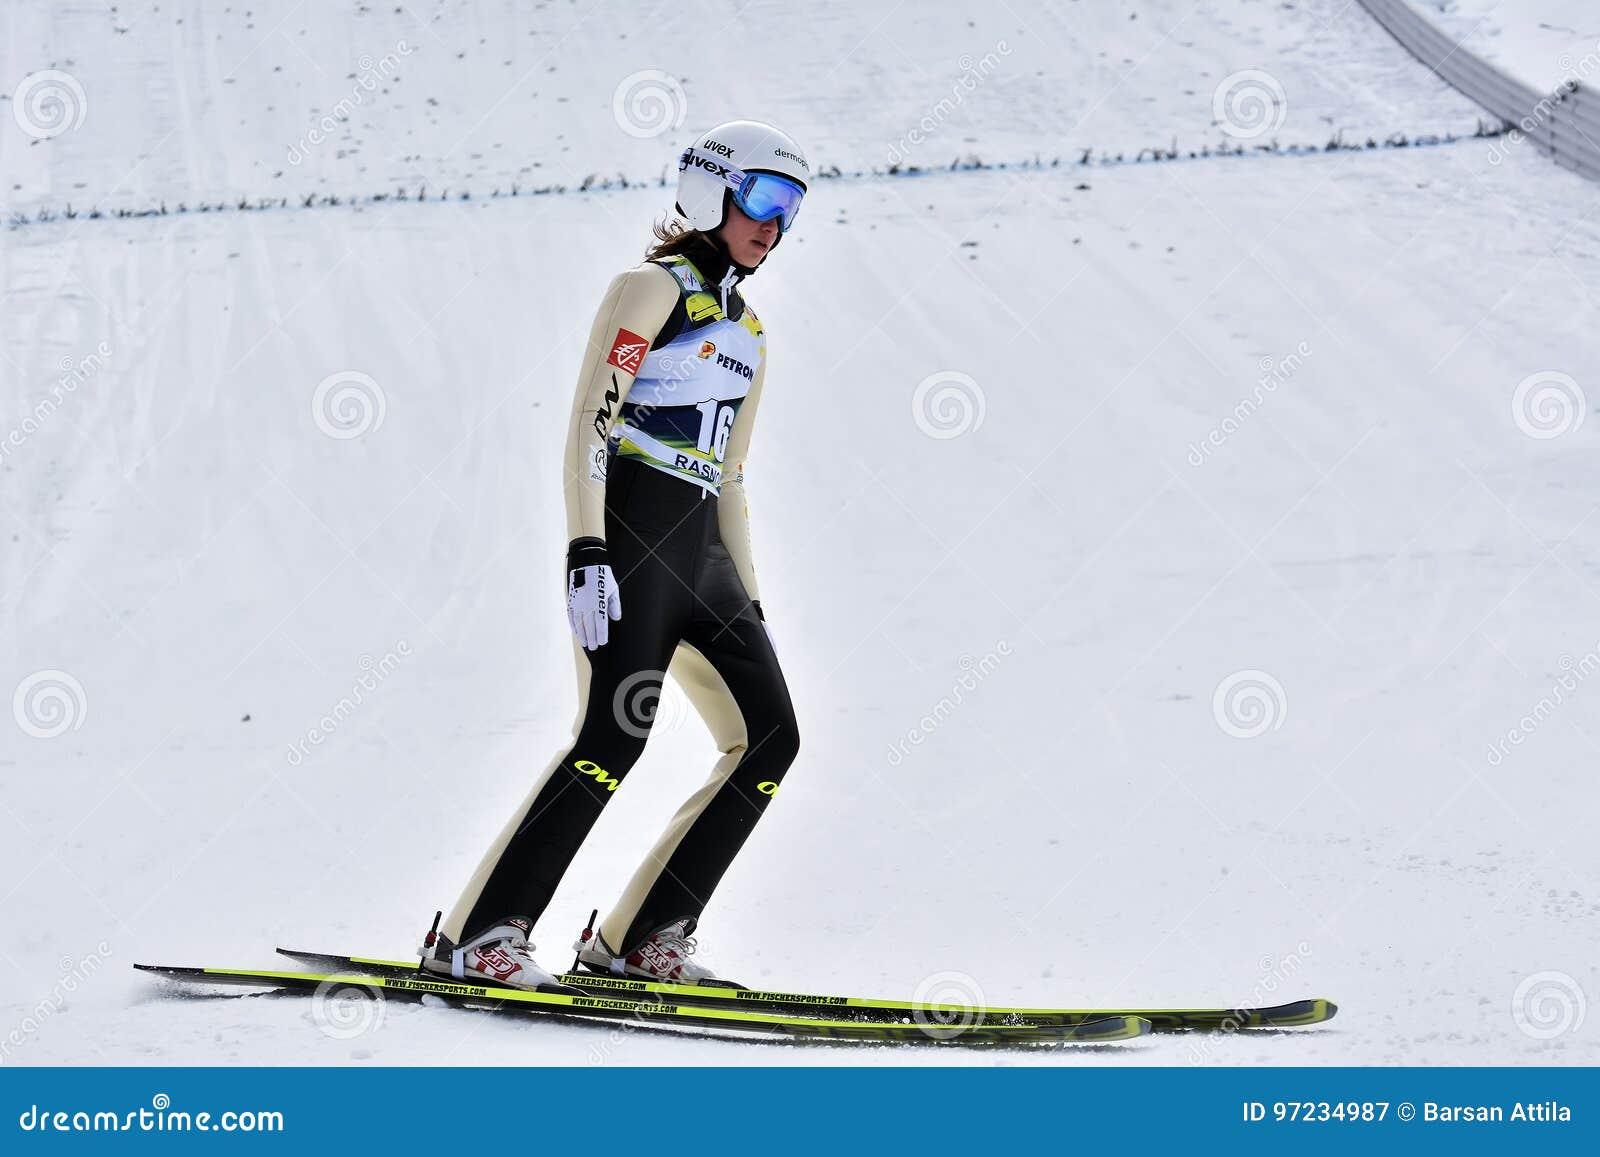 Rasnov, Rumania - 7 de febrero: El puente de esquí desconocido compite en el FIS Ski Jumping World Cup Ladies el 7 de febrero de